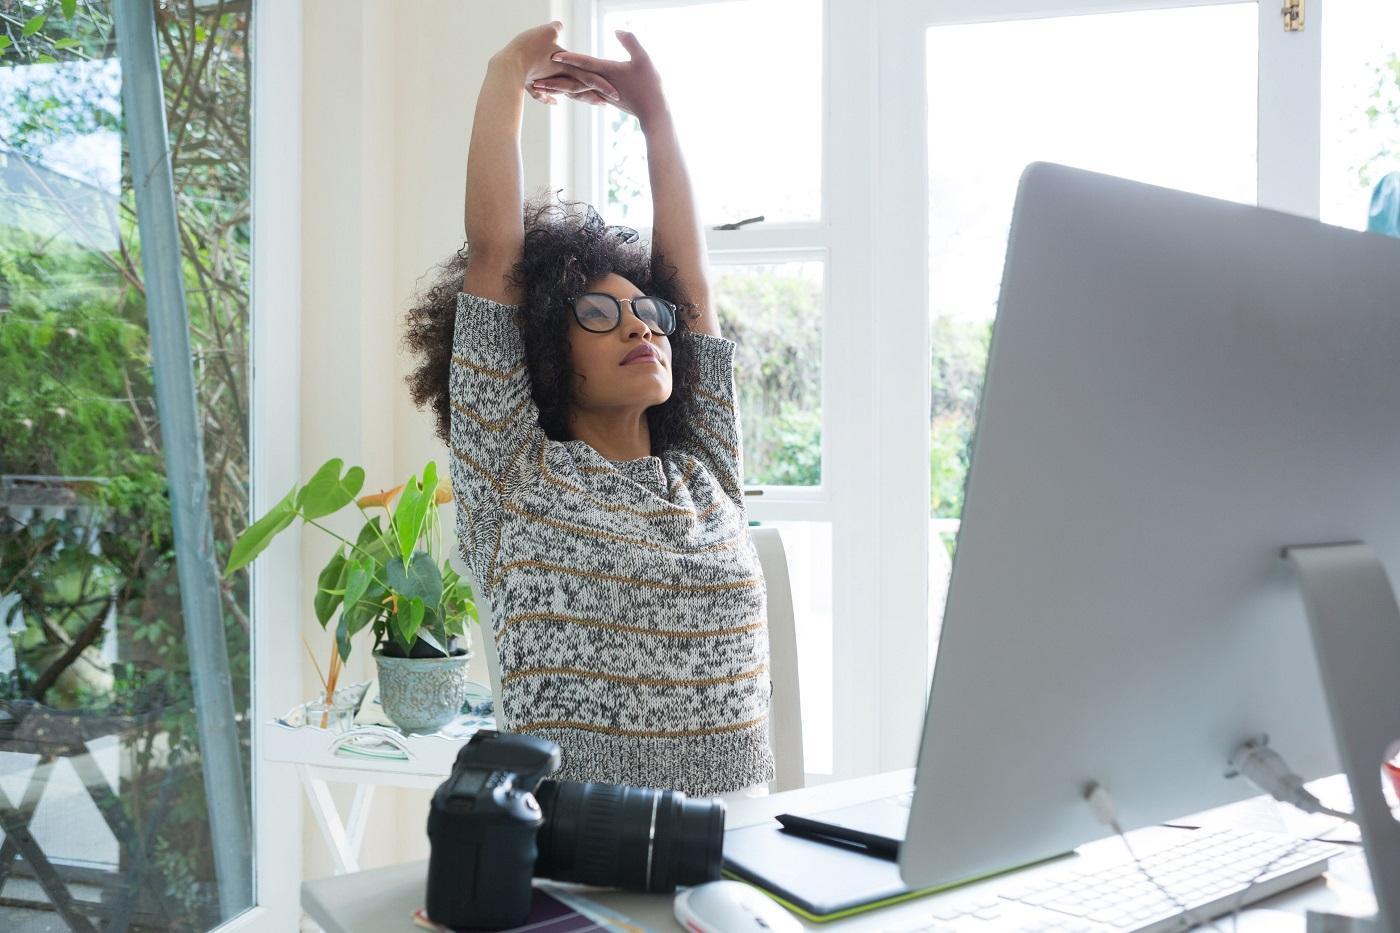 Coronavirus: Practicarea starii de bine in timp ce stai acasa